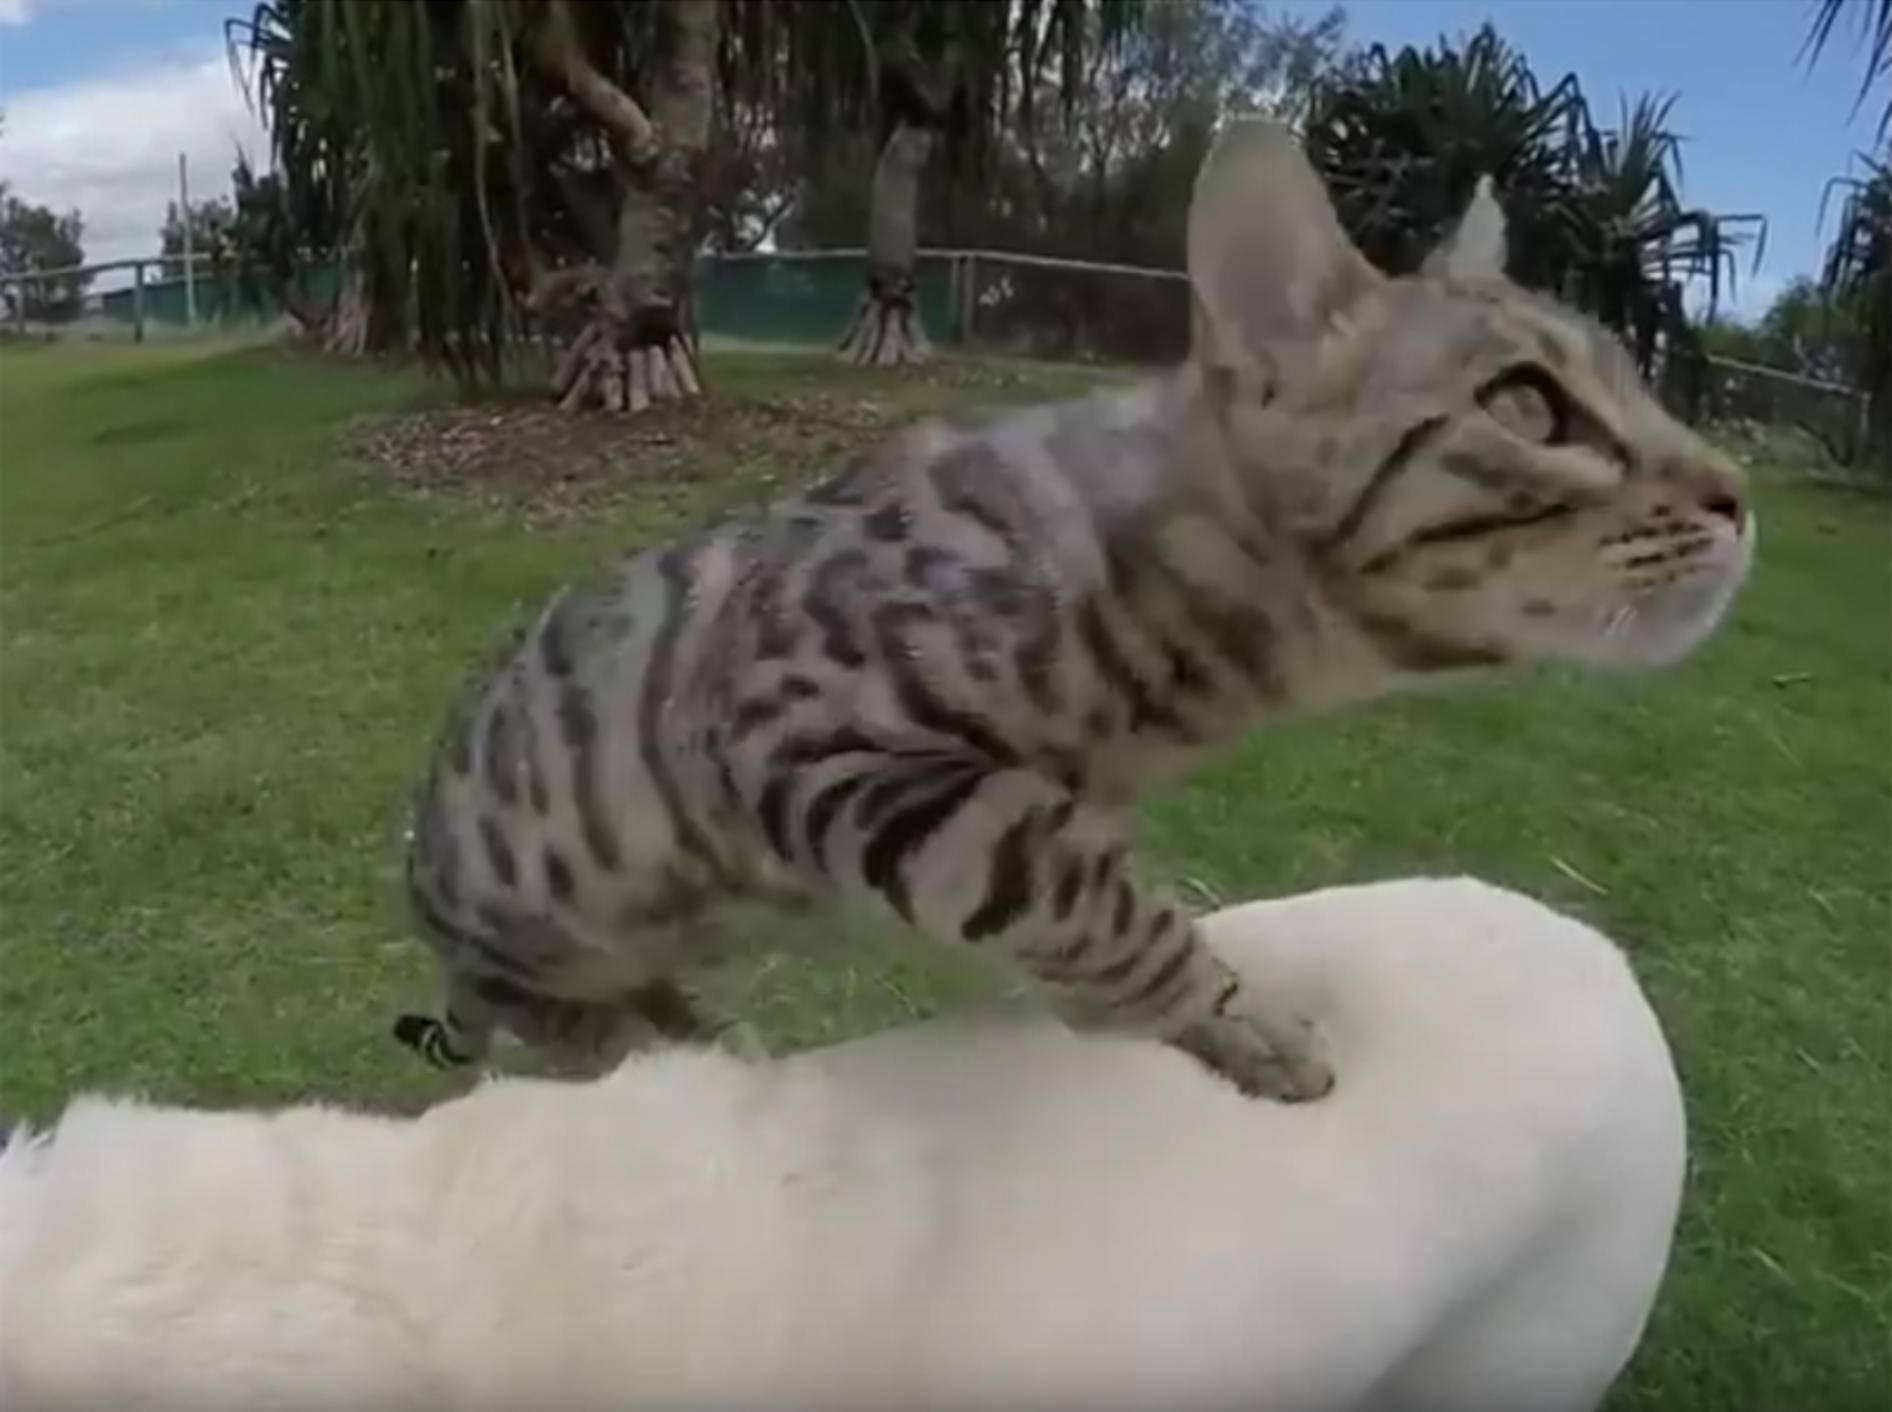 Bengalkater Boomer nutzt Hund als Sprungbrett – YouTube / CATMANTOO